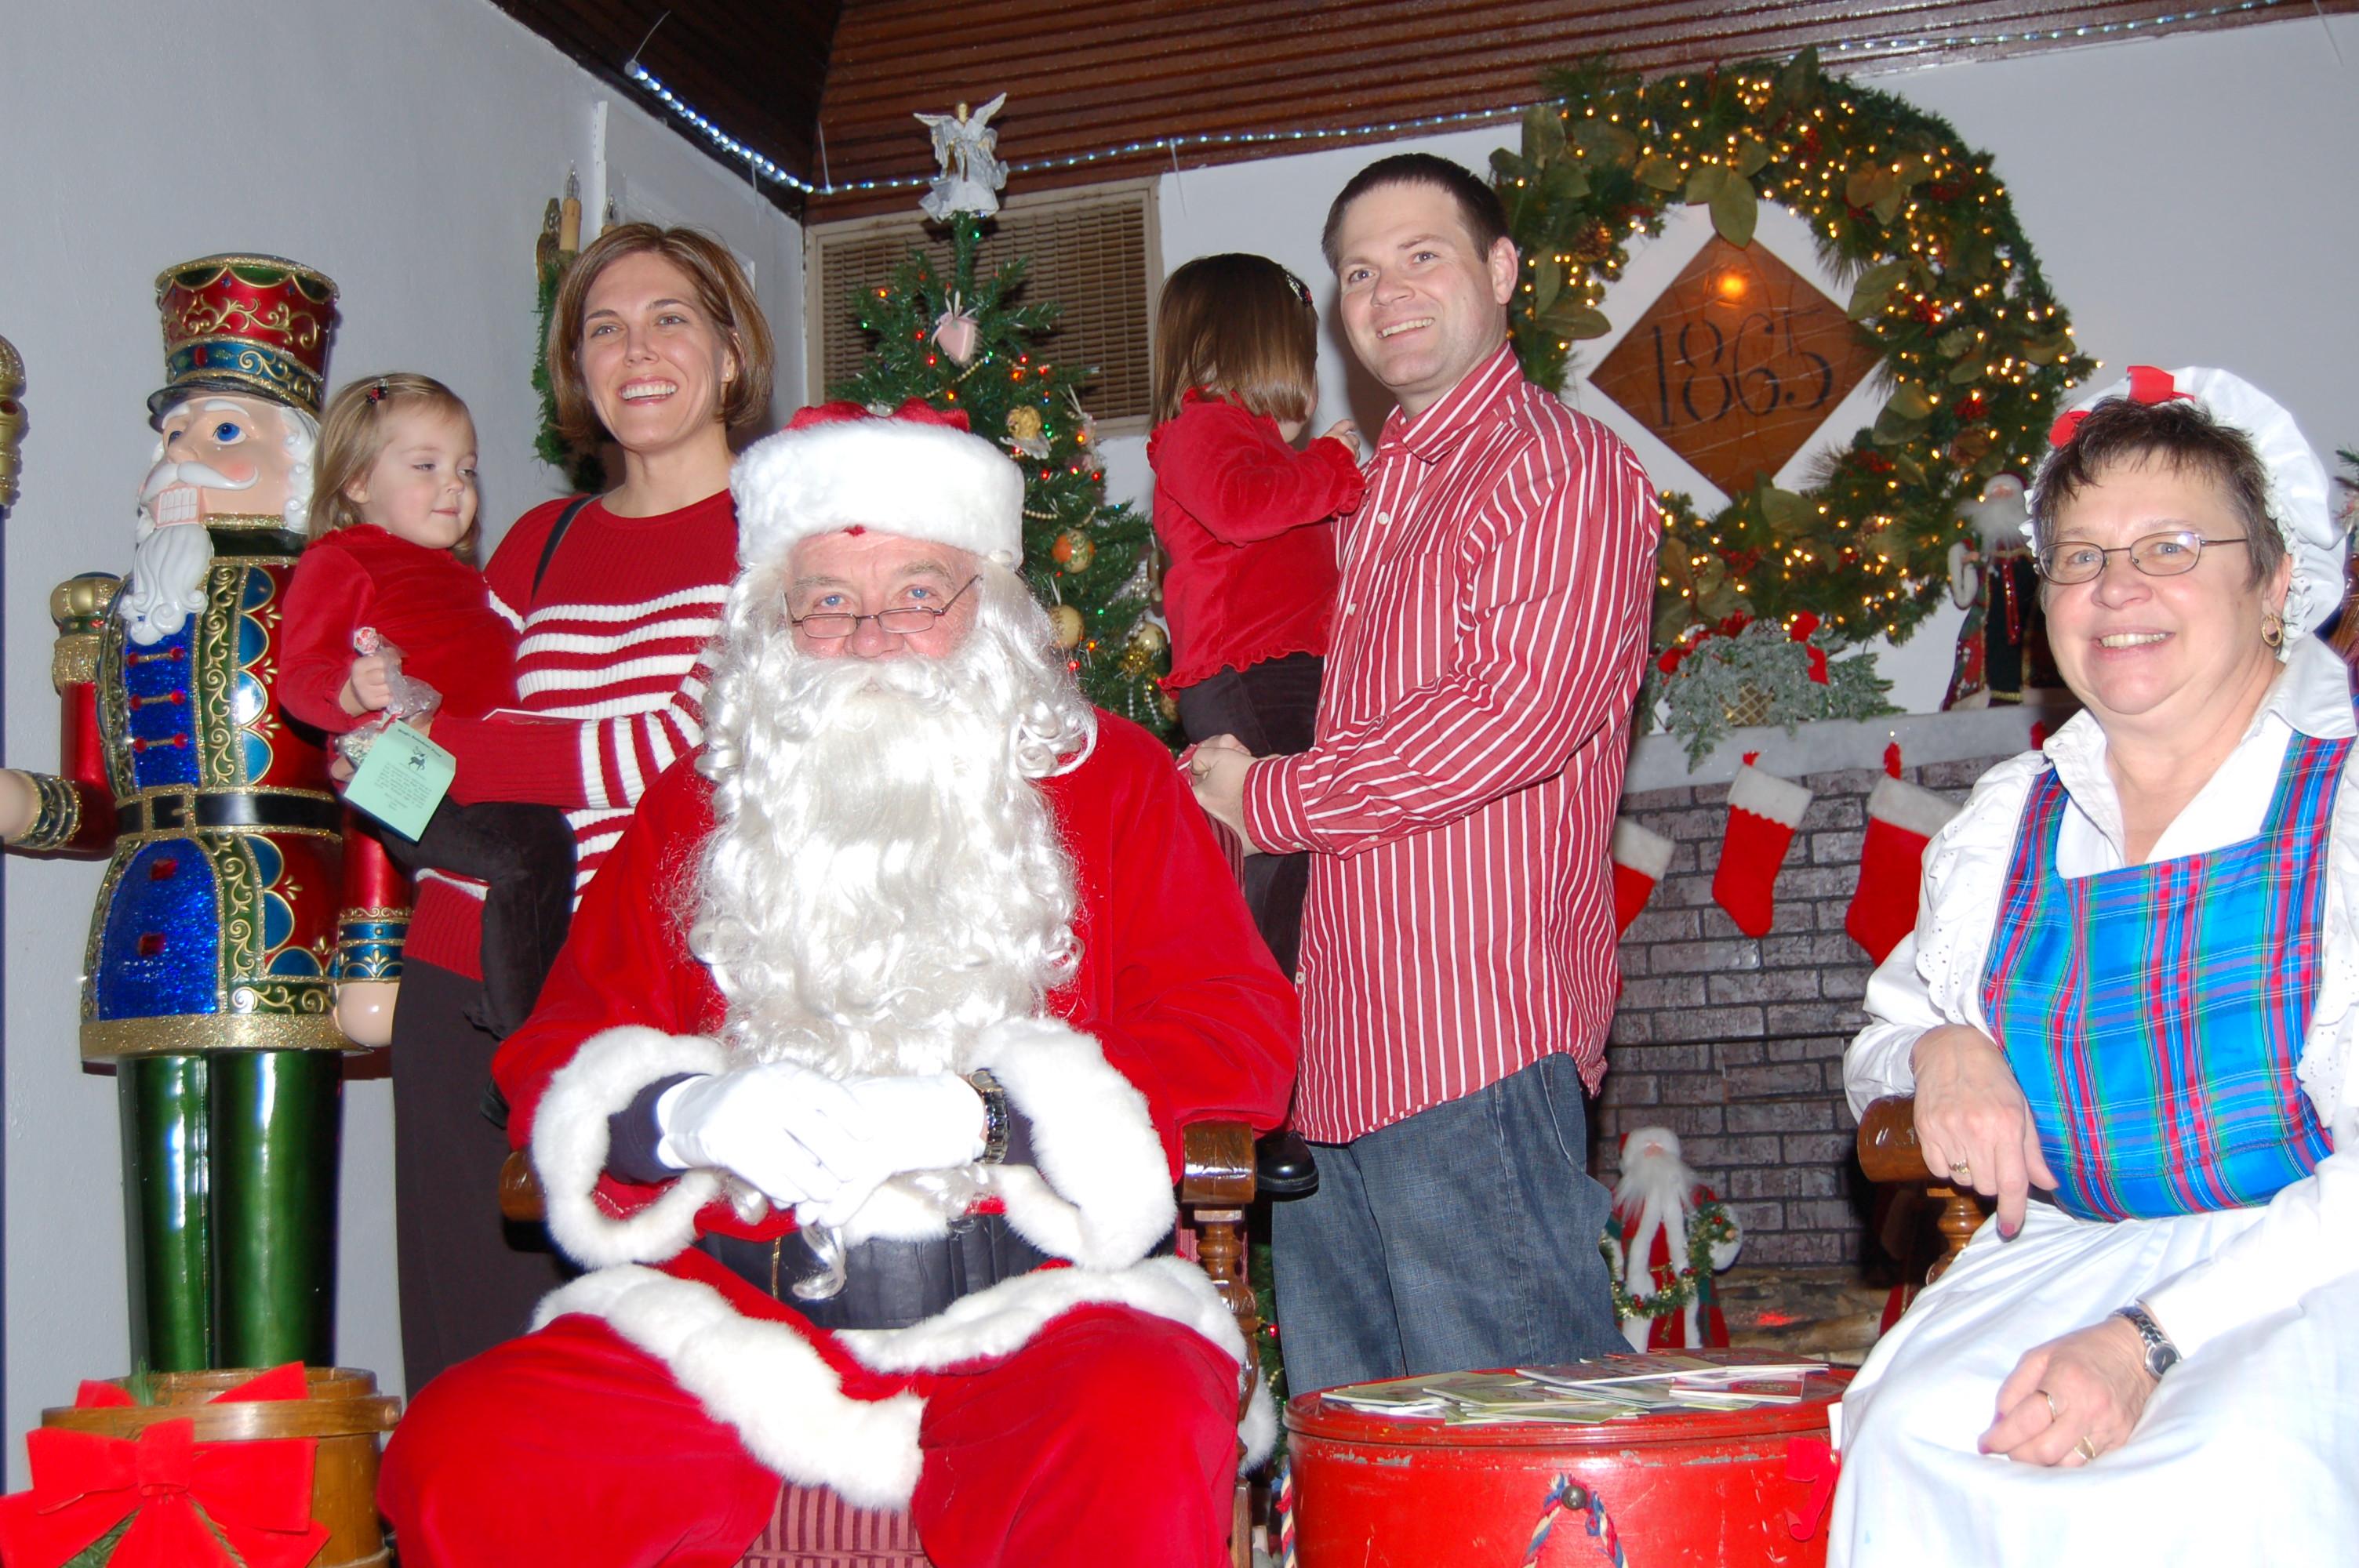 LolliPop+Lane+12-11-2008+Picture+039.jpg